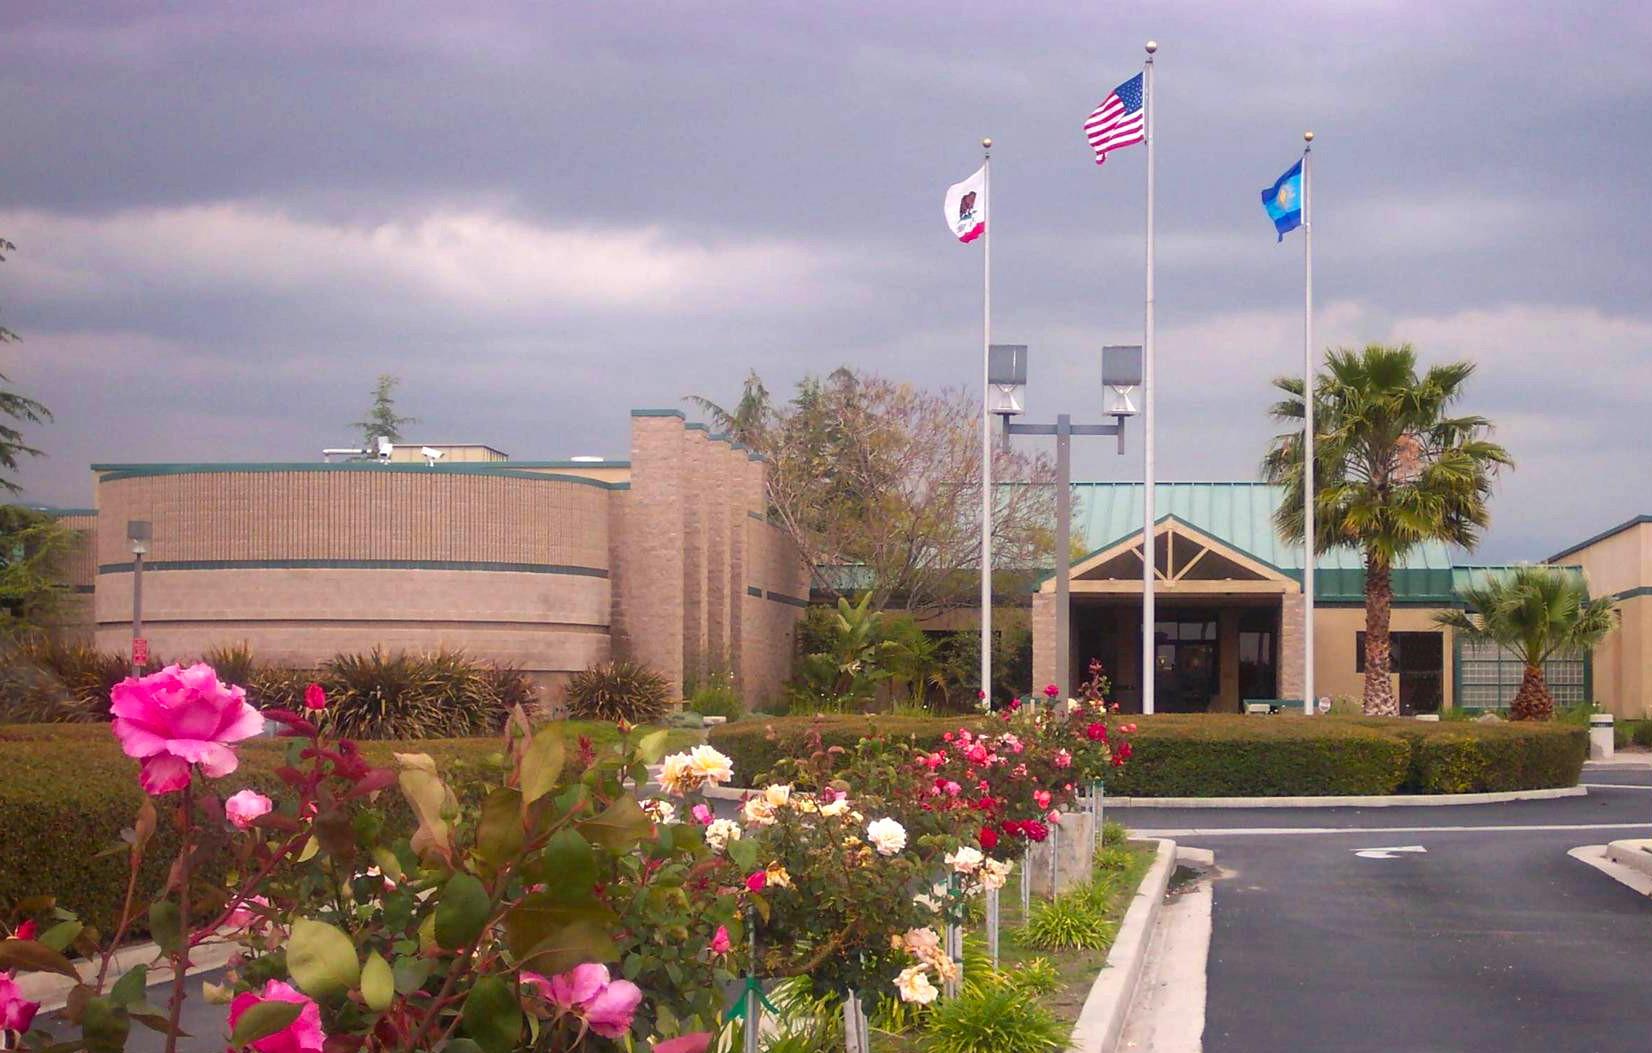 Coroner's Building